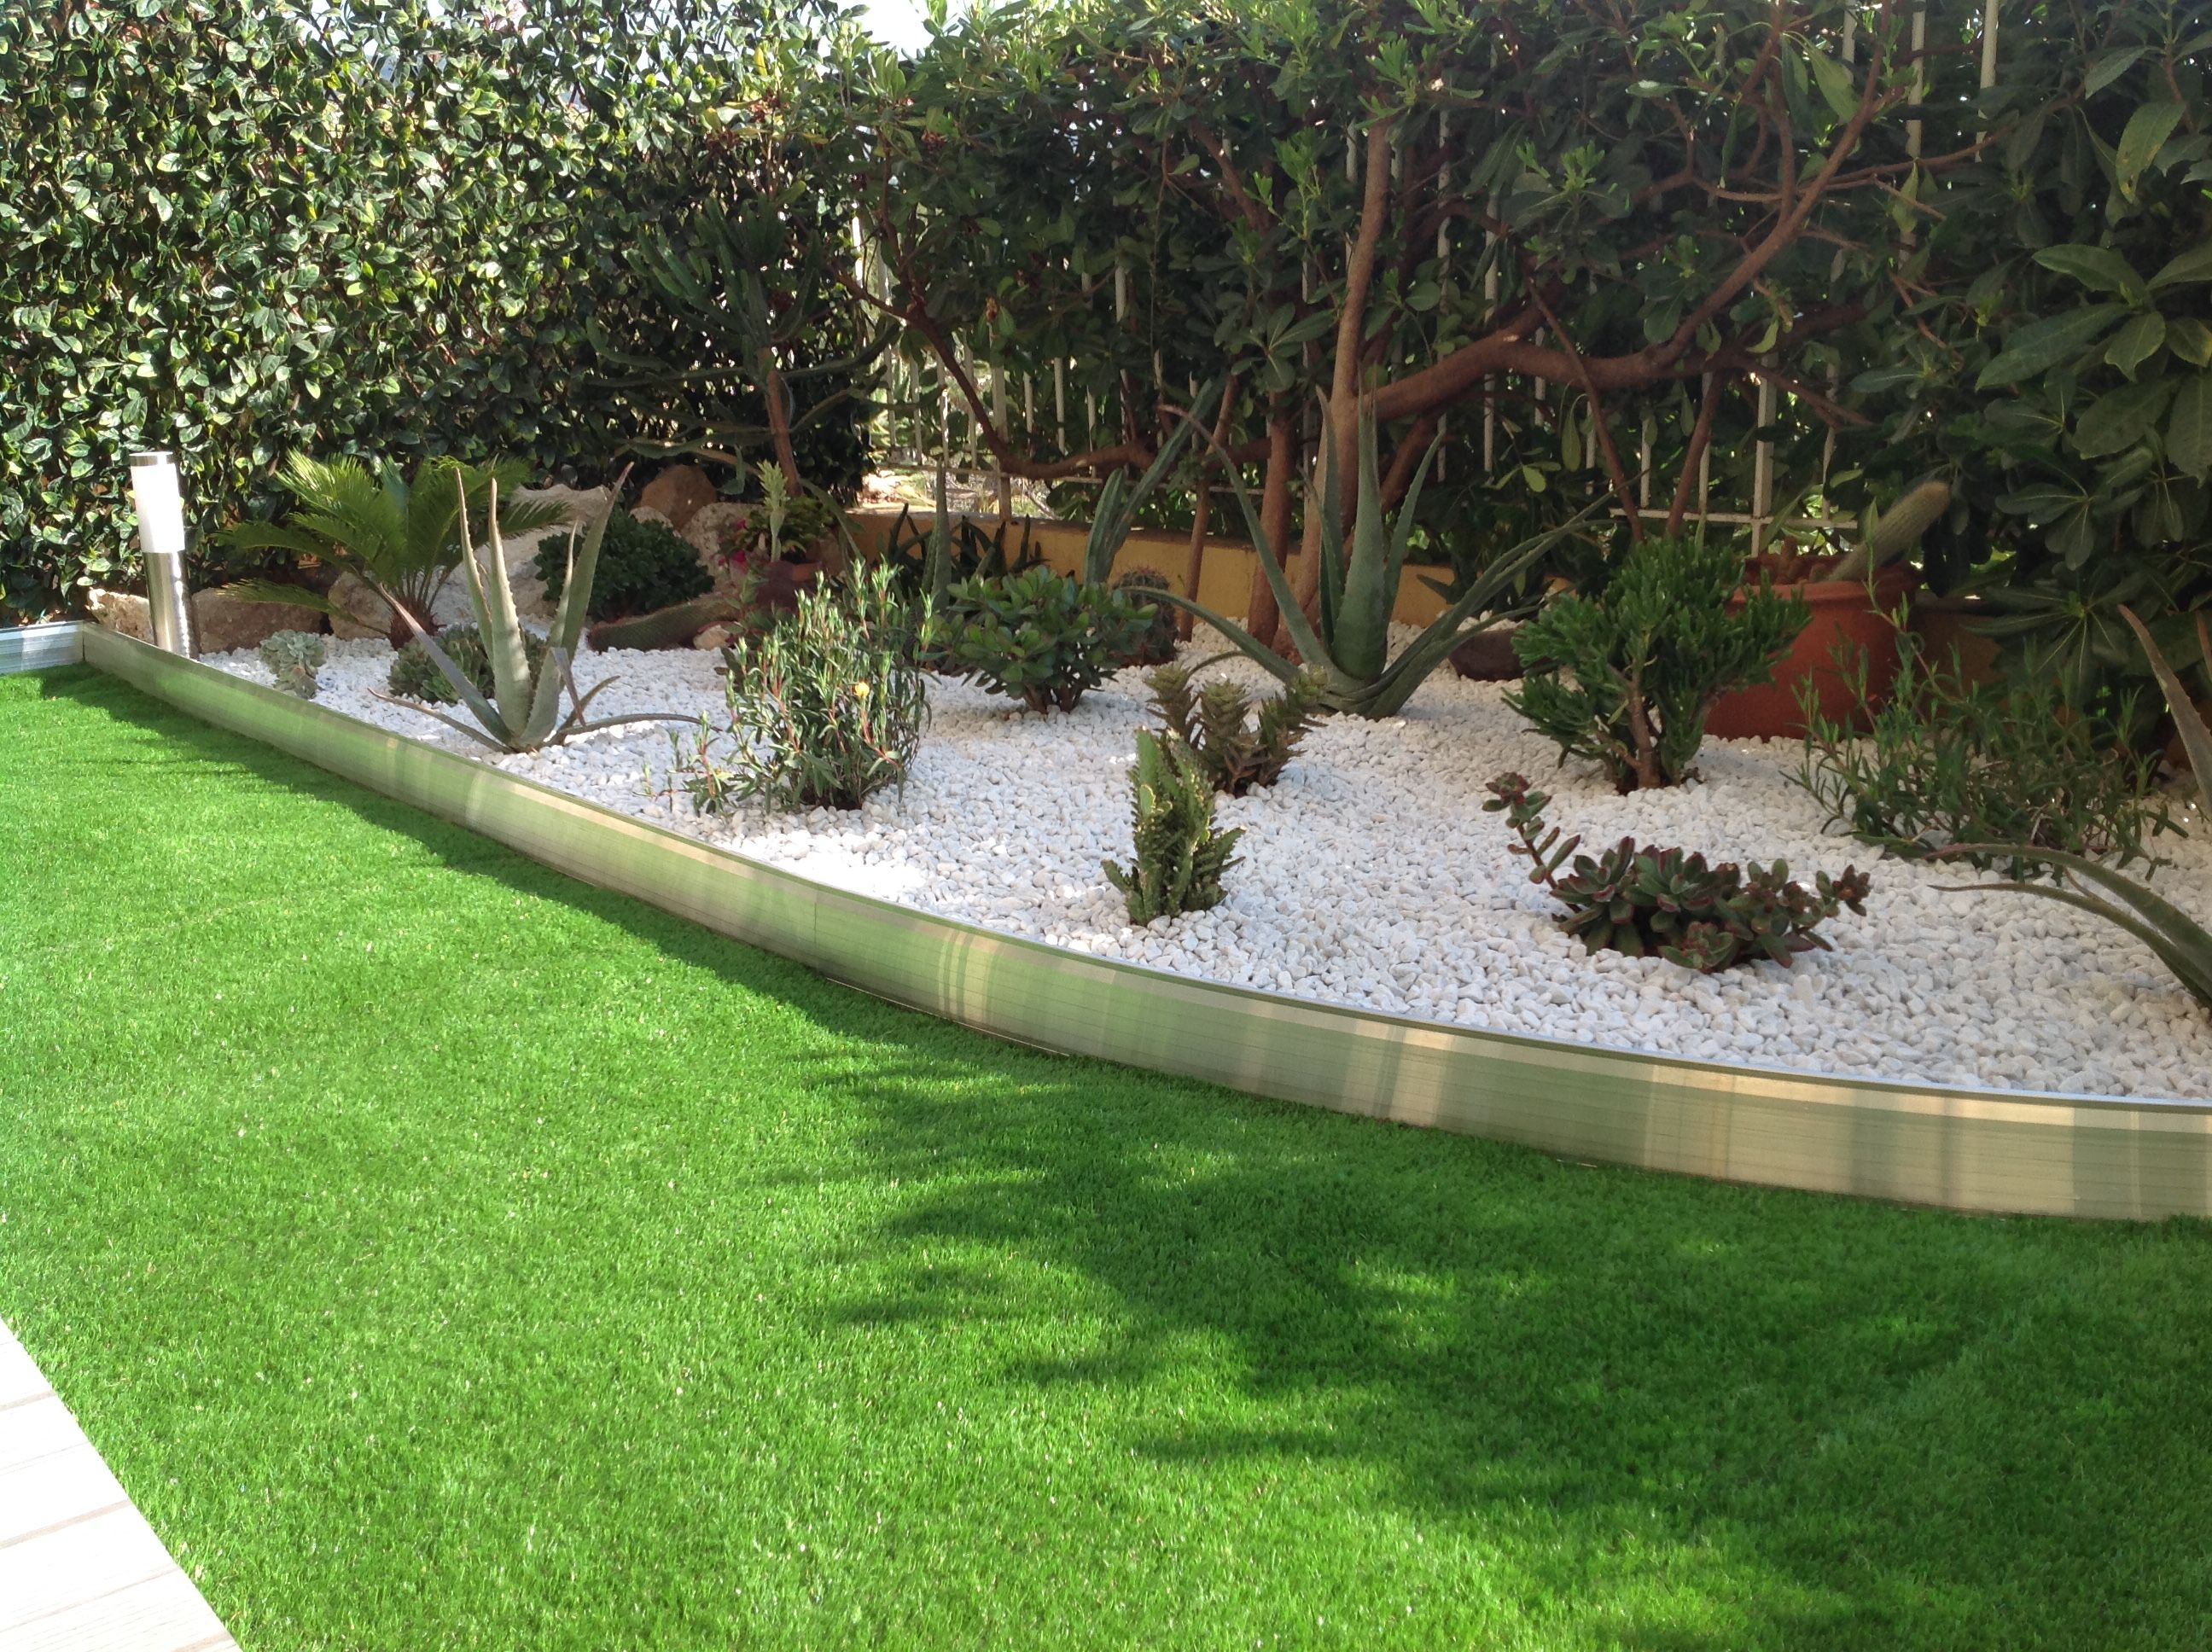 Bordure Terrasse Aluminium | Comment Poser Une Bordure De Jardin ...